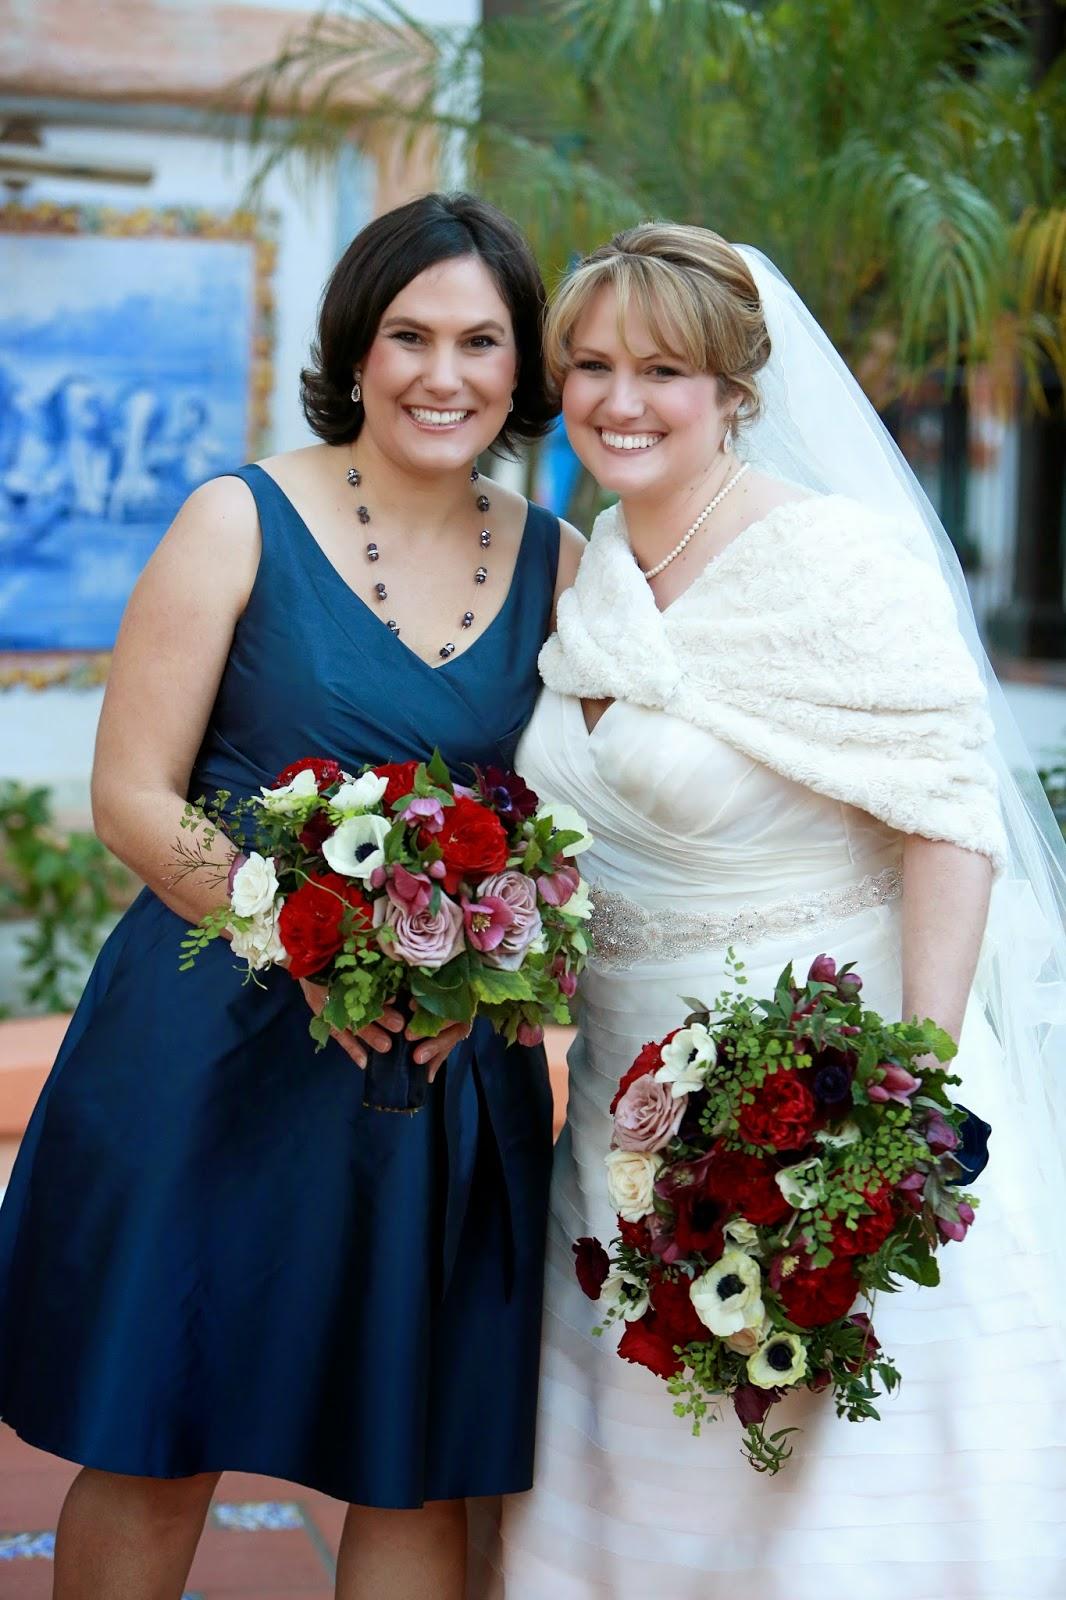 Rancho las lomas winter wedding heavenly blooms rancho las lomas winter wedding ombrellifo Gallery